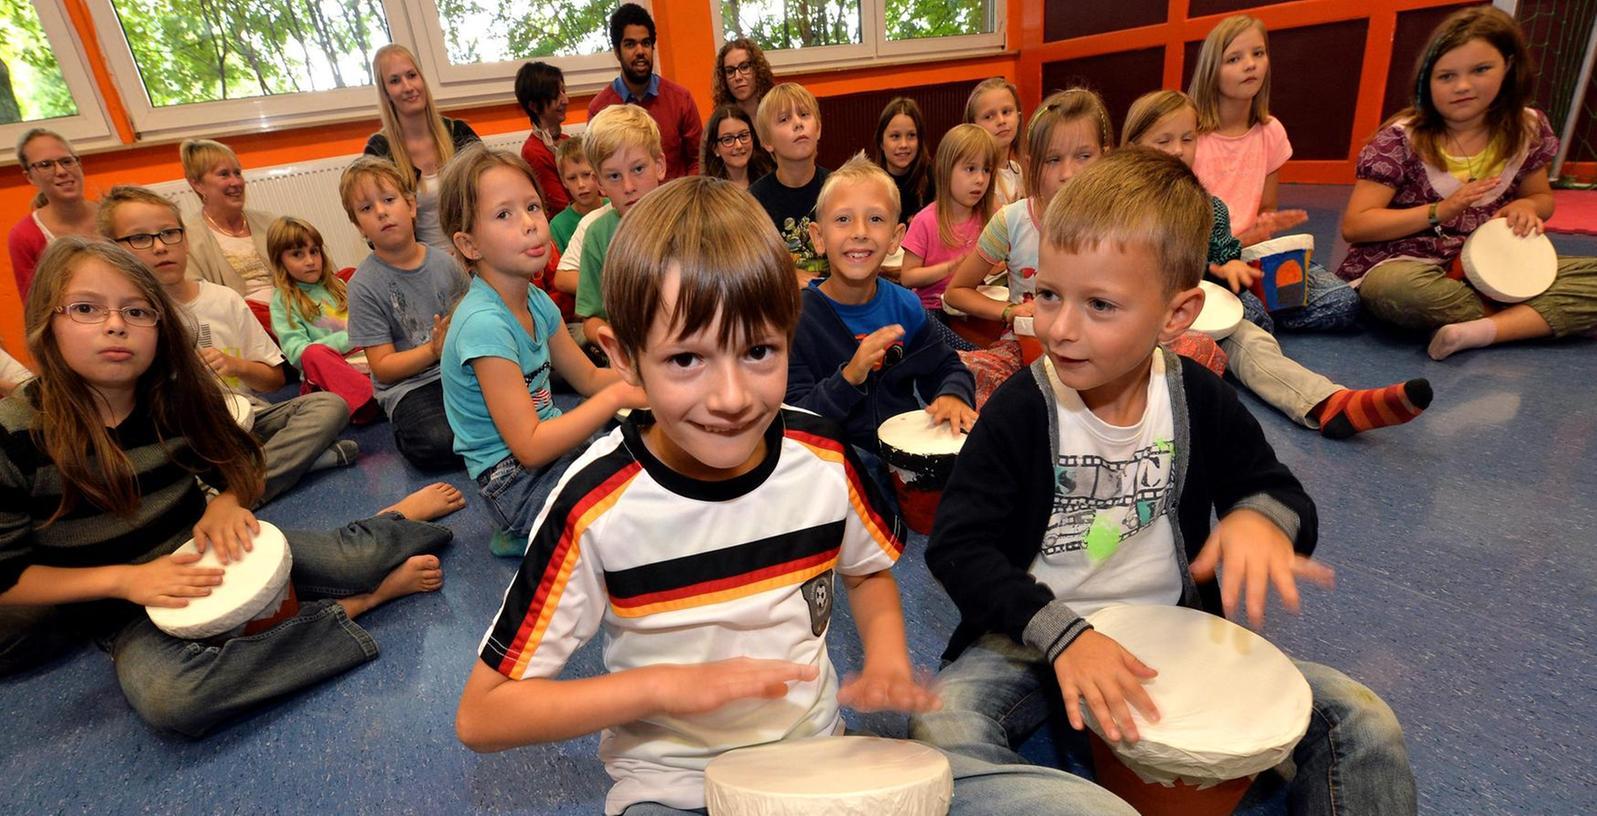 Trommeln, was das Zeug hält: Die jungen Teilnehmer des Percussion-Workshops führen im Jugendhaus Hardhöhe vor, wie anregend das Ferienprogramm sein kann.